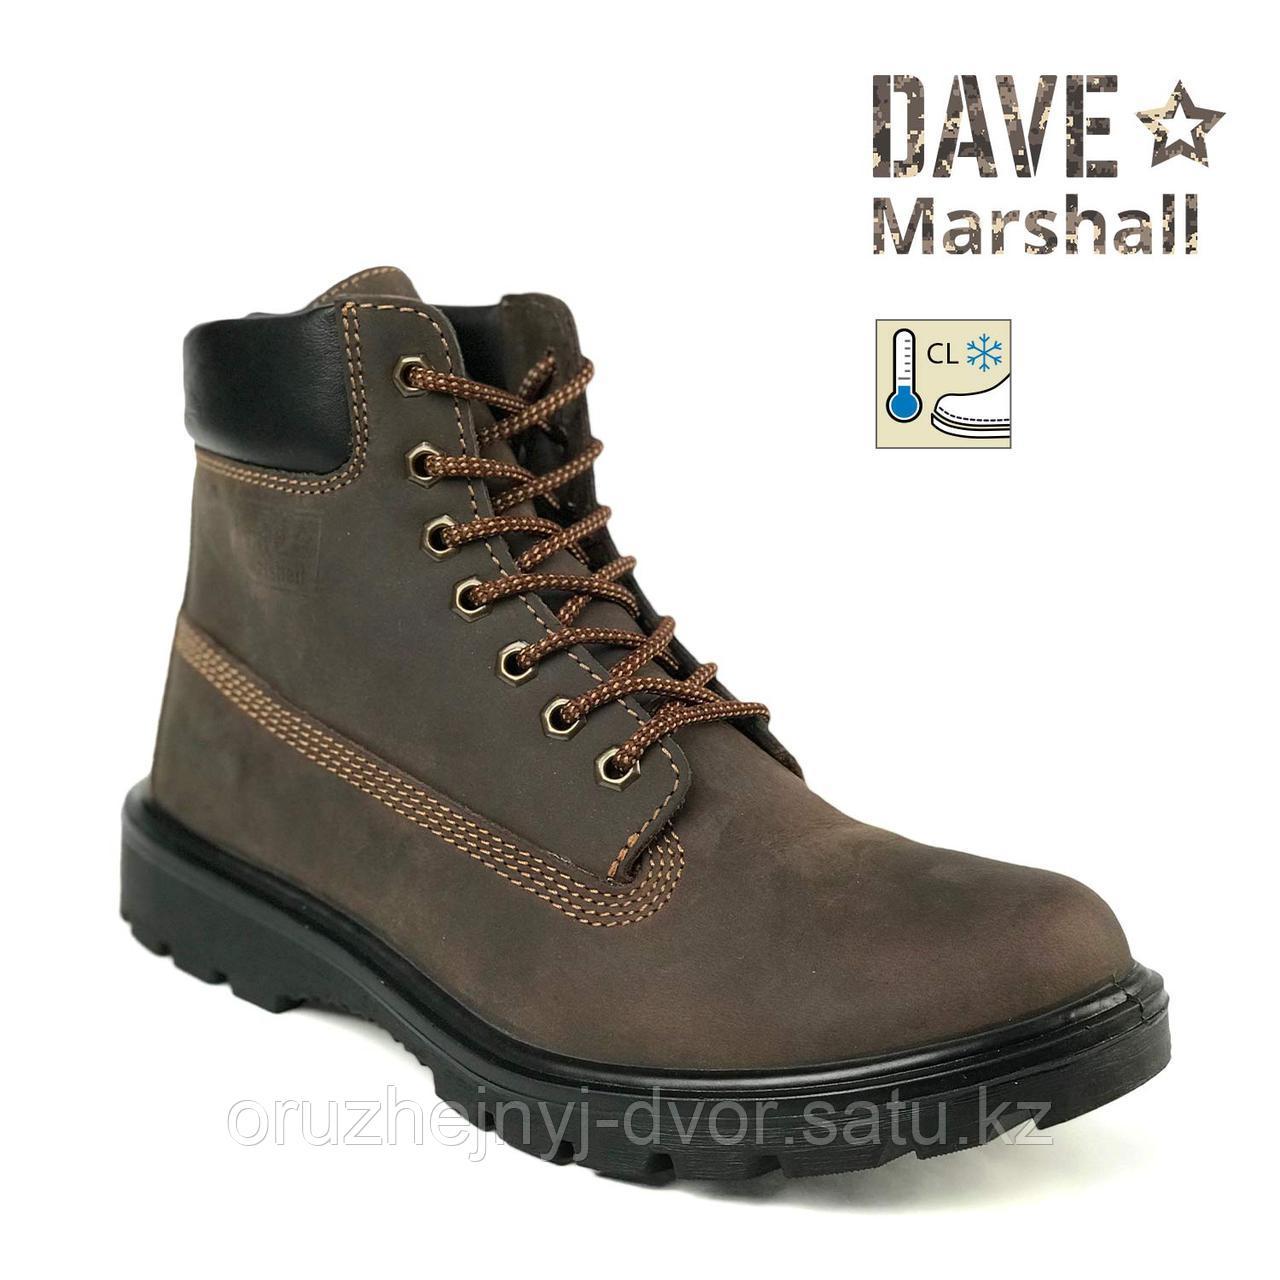 """Ботинки DM DAKOTA B-6""""AL нубук, шерст.мех, цв т-коричневый р.41, 42"""